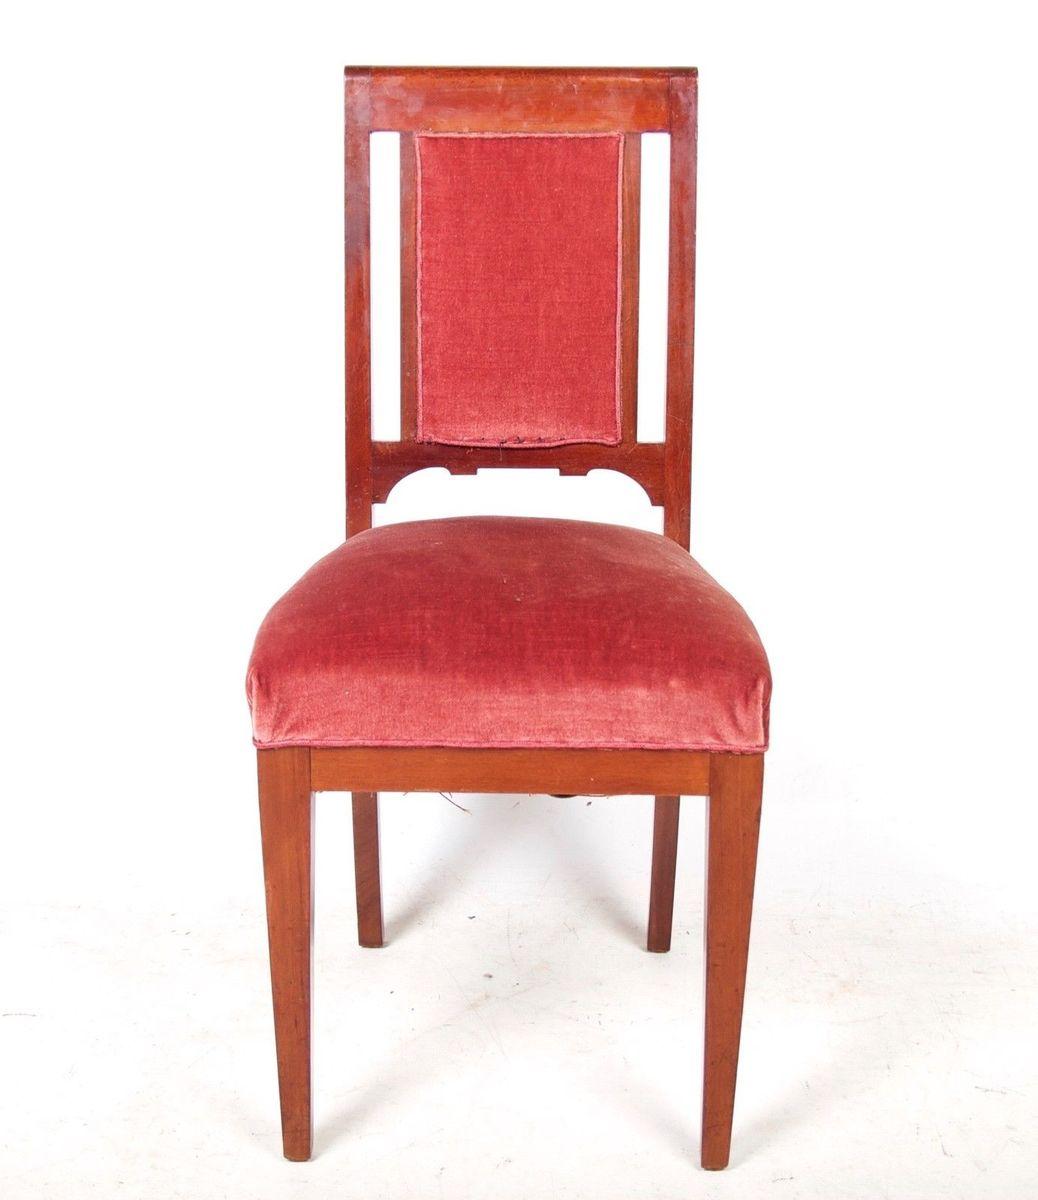 Full Size of Bro Schlafzimmer Schreibtisch Stuhl Sessel Fell Hocker Teppich Kronleuchter Massivholz Komplett Mit Lattenrost Und Matratze Wandtattoo Weiss Stehlampe Set Schlafzimmer Schlafzimmer Stuhl